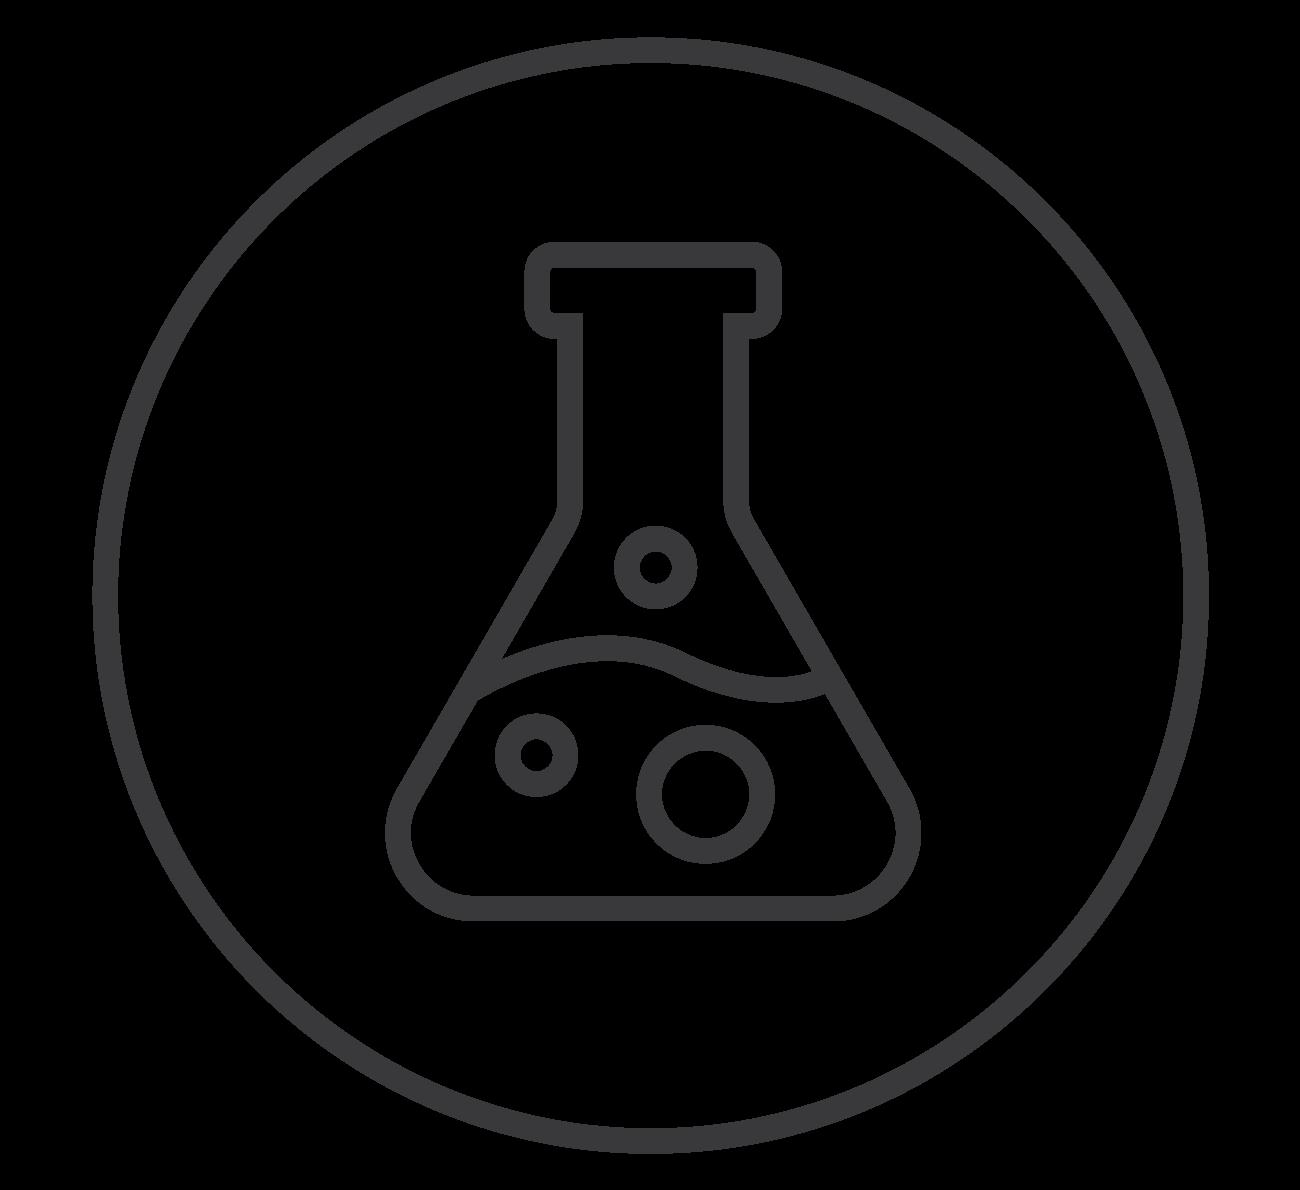 全方位醫學與科學背景的專家學者,研發出符合人體需求、黃金比例的營養食材。 -